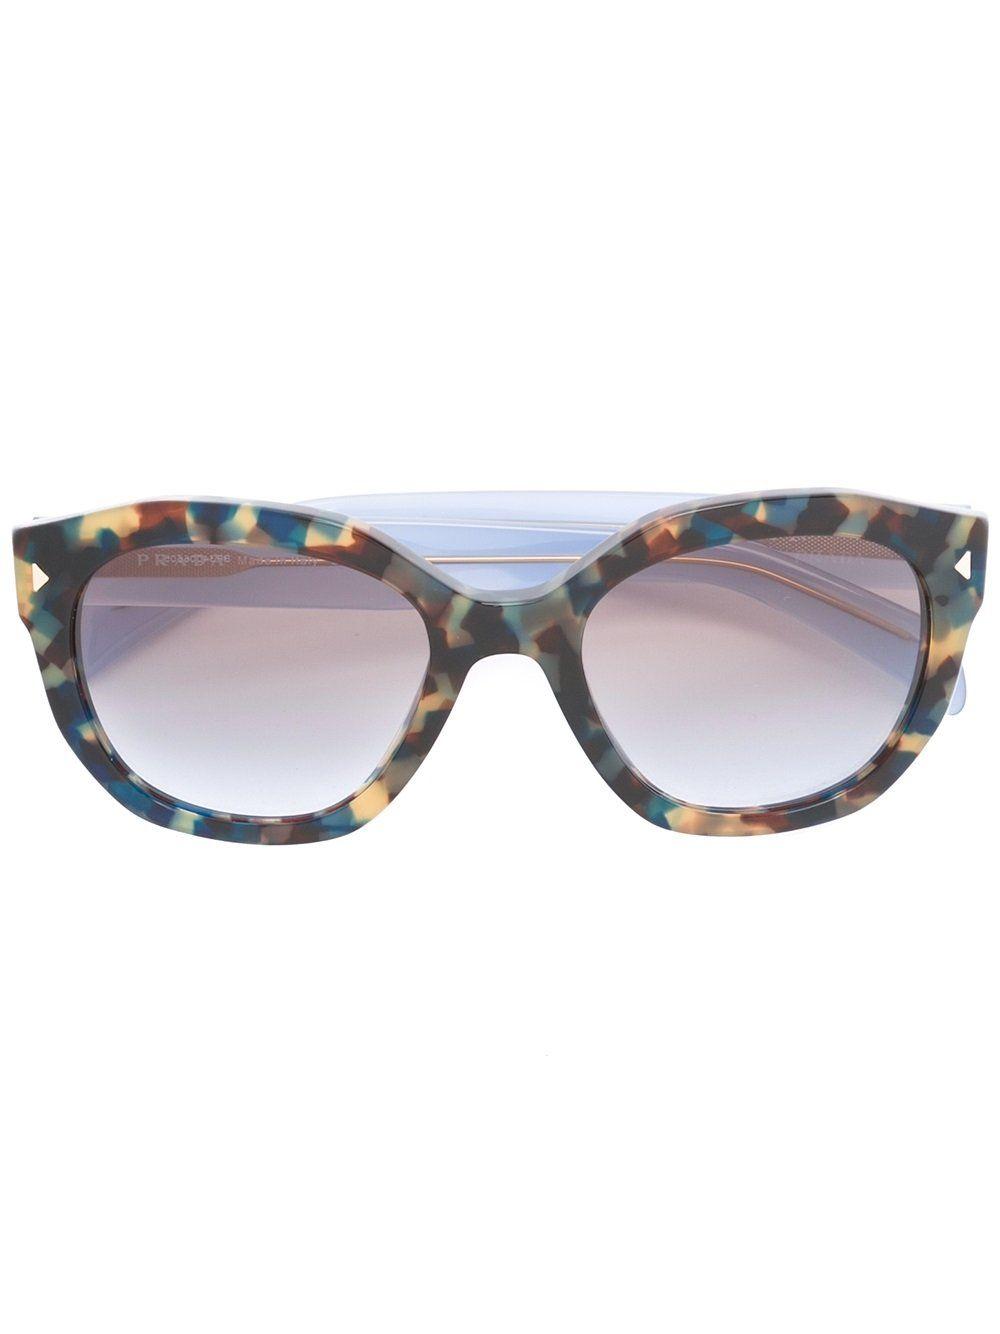 c88ae8fd74 prada frames vision express